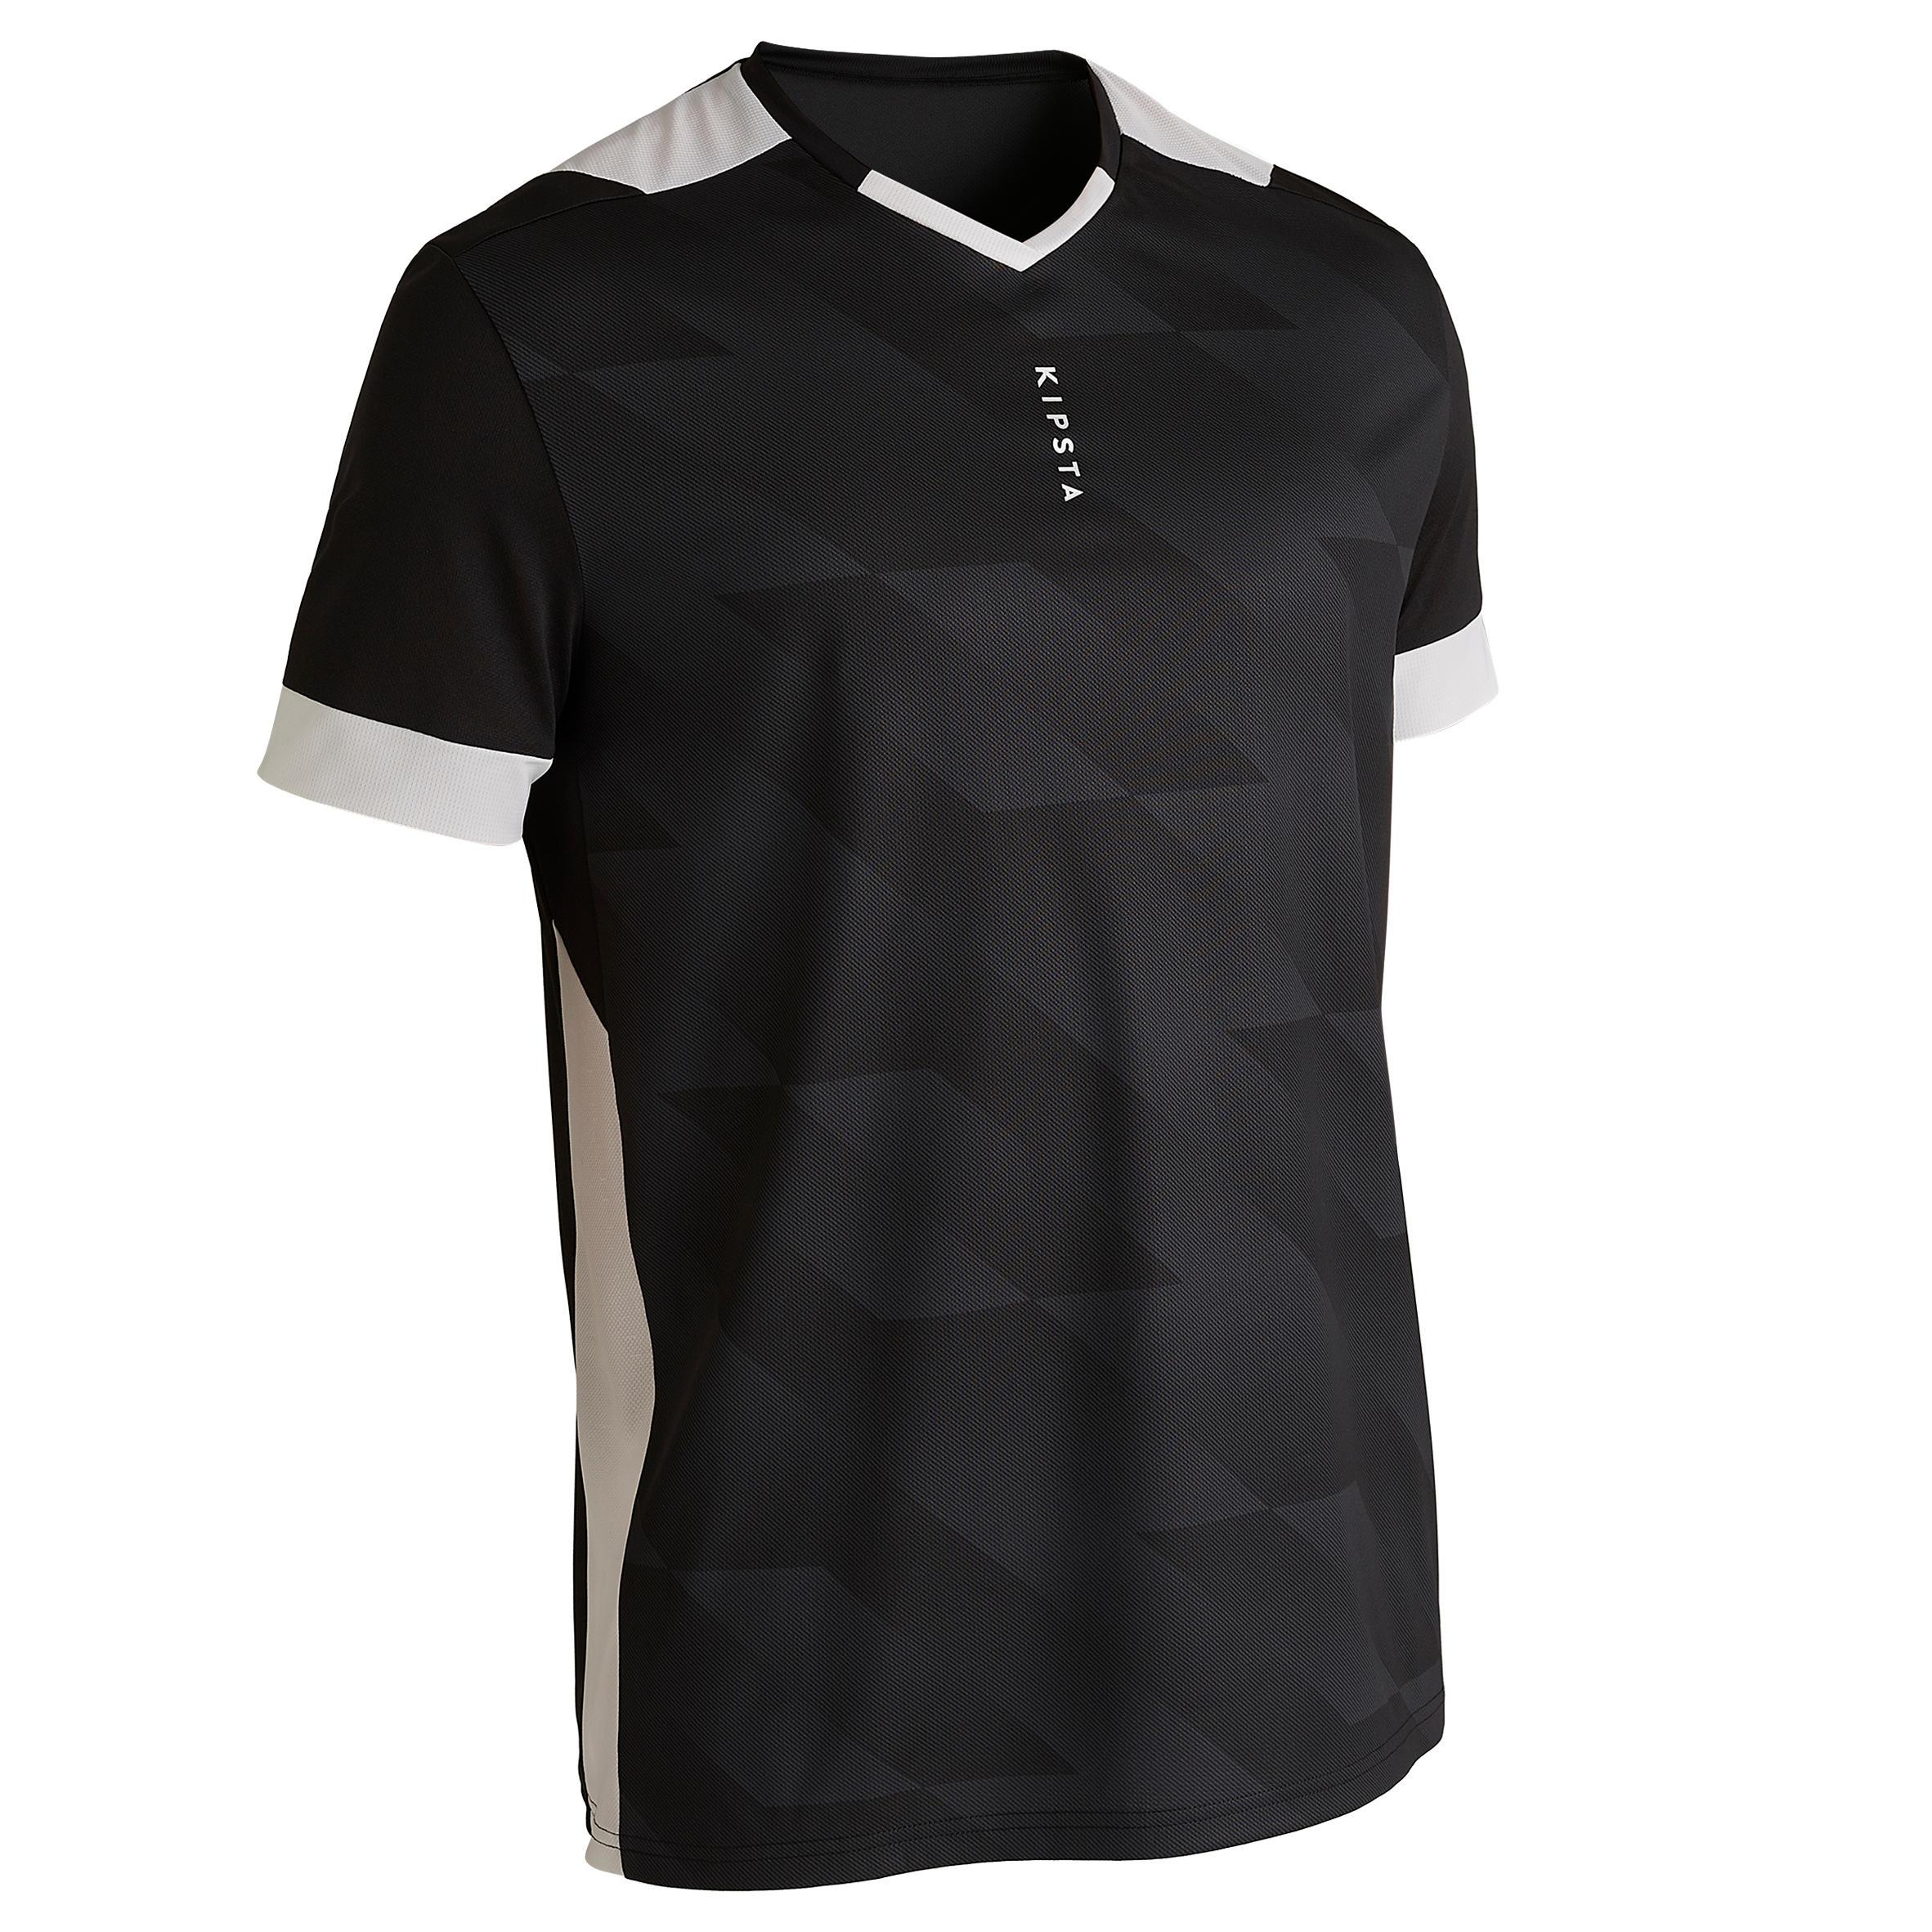 b9403b115 Comprar Camisetas de Fútbol para Adultos y Niños | Decathlon